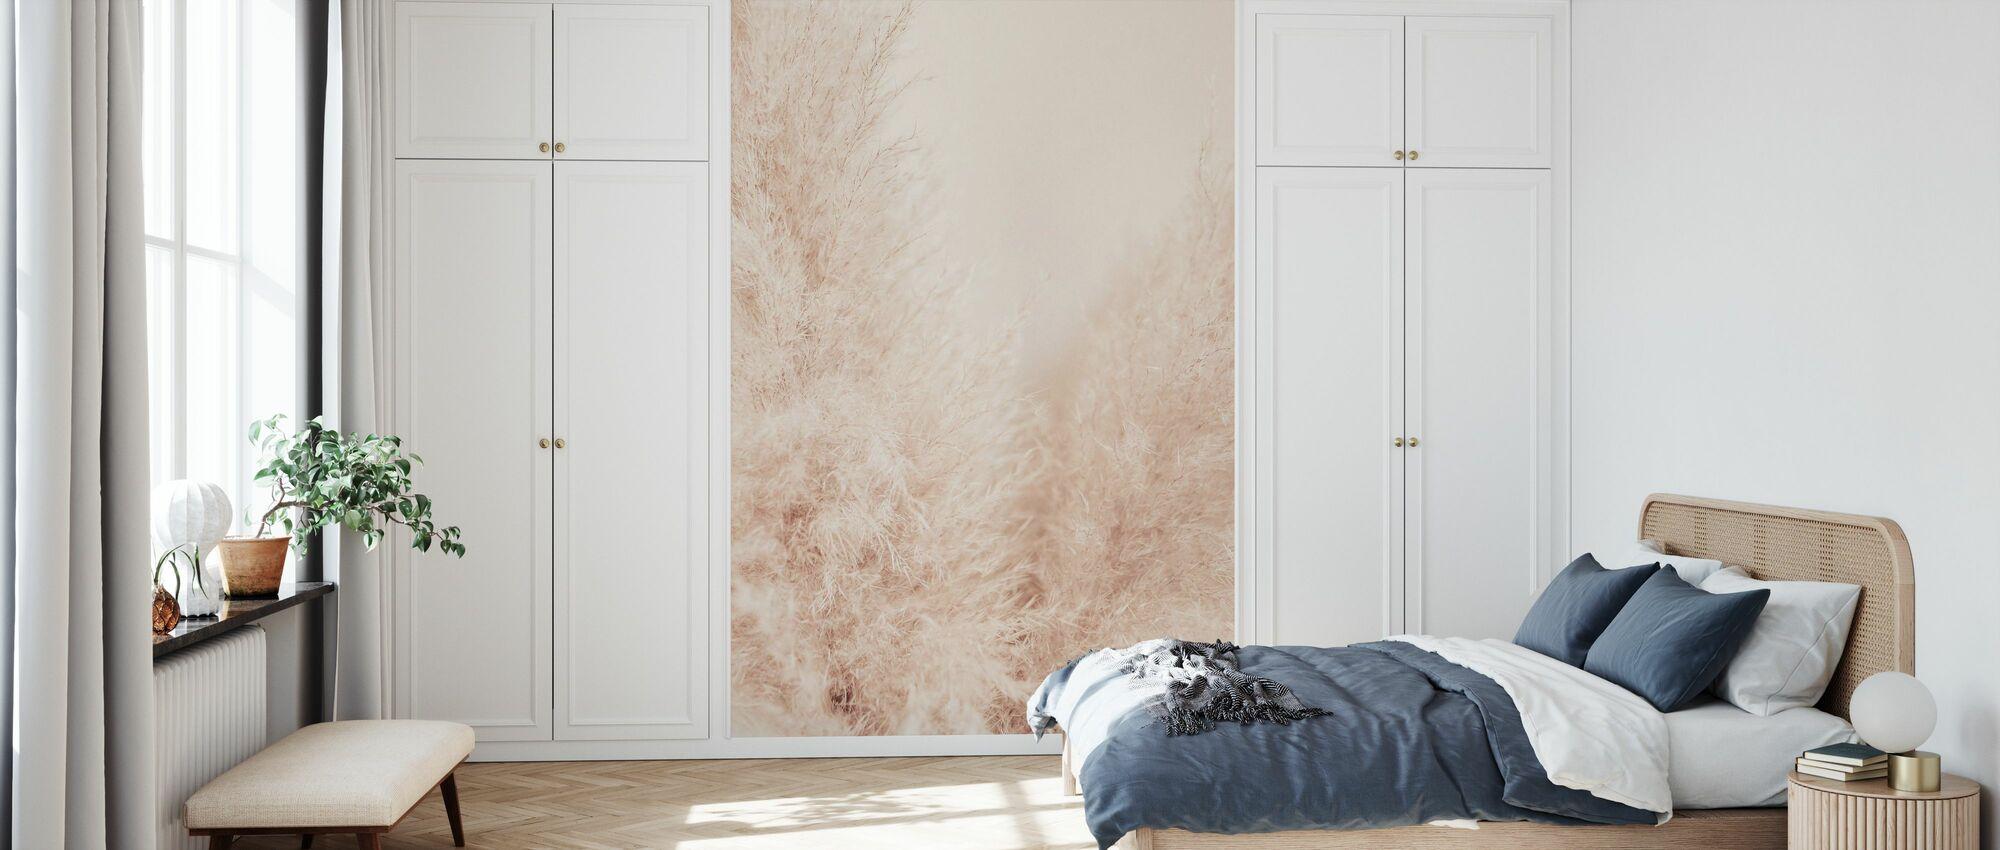 Muted Reeds - Wallpaper - Bedroom